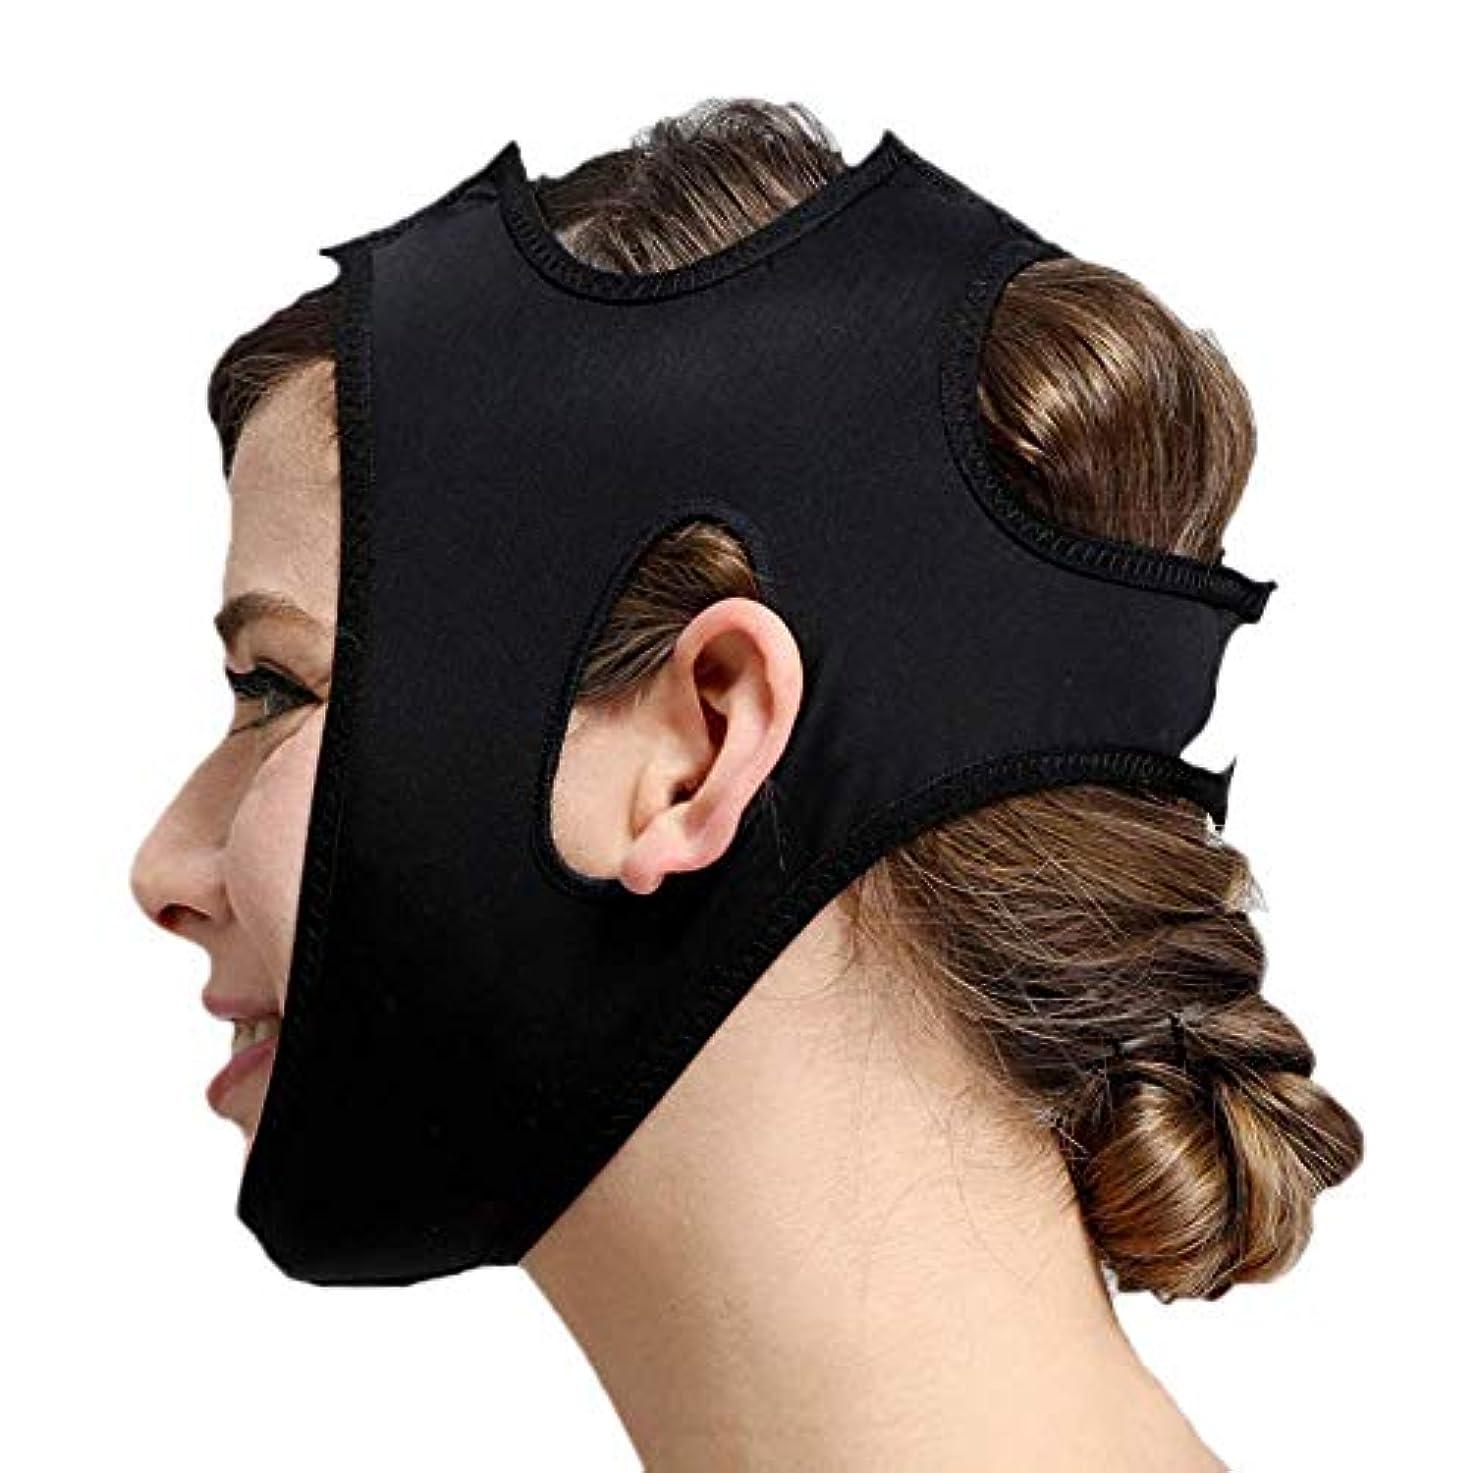 器具異形機転フェイススリミングマスク、快適さと通気性、フェイシャルリフティング、輪郭の改善された硬さ、ファーミングとリフティングフェイス(カラー:ブラック、サイズ:XL),黒、S